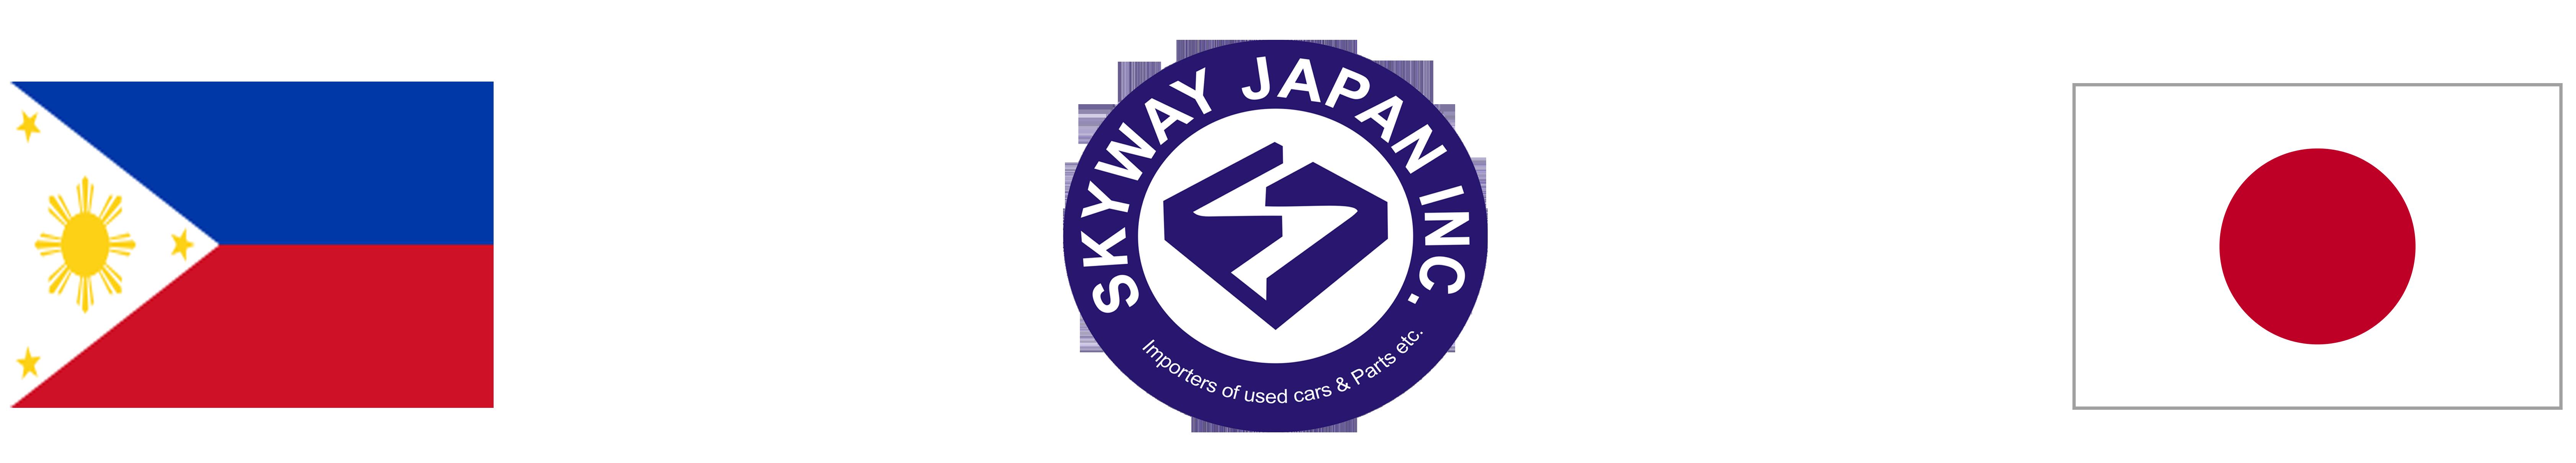 Skyway Japan